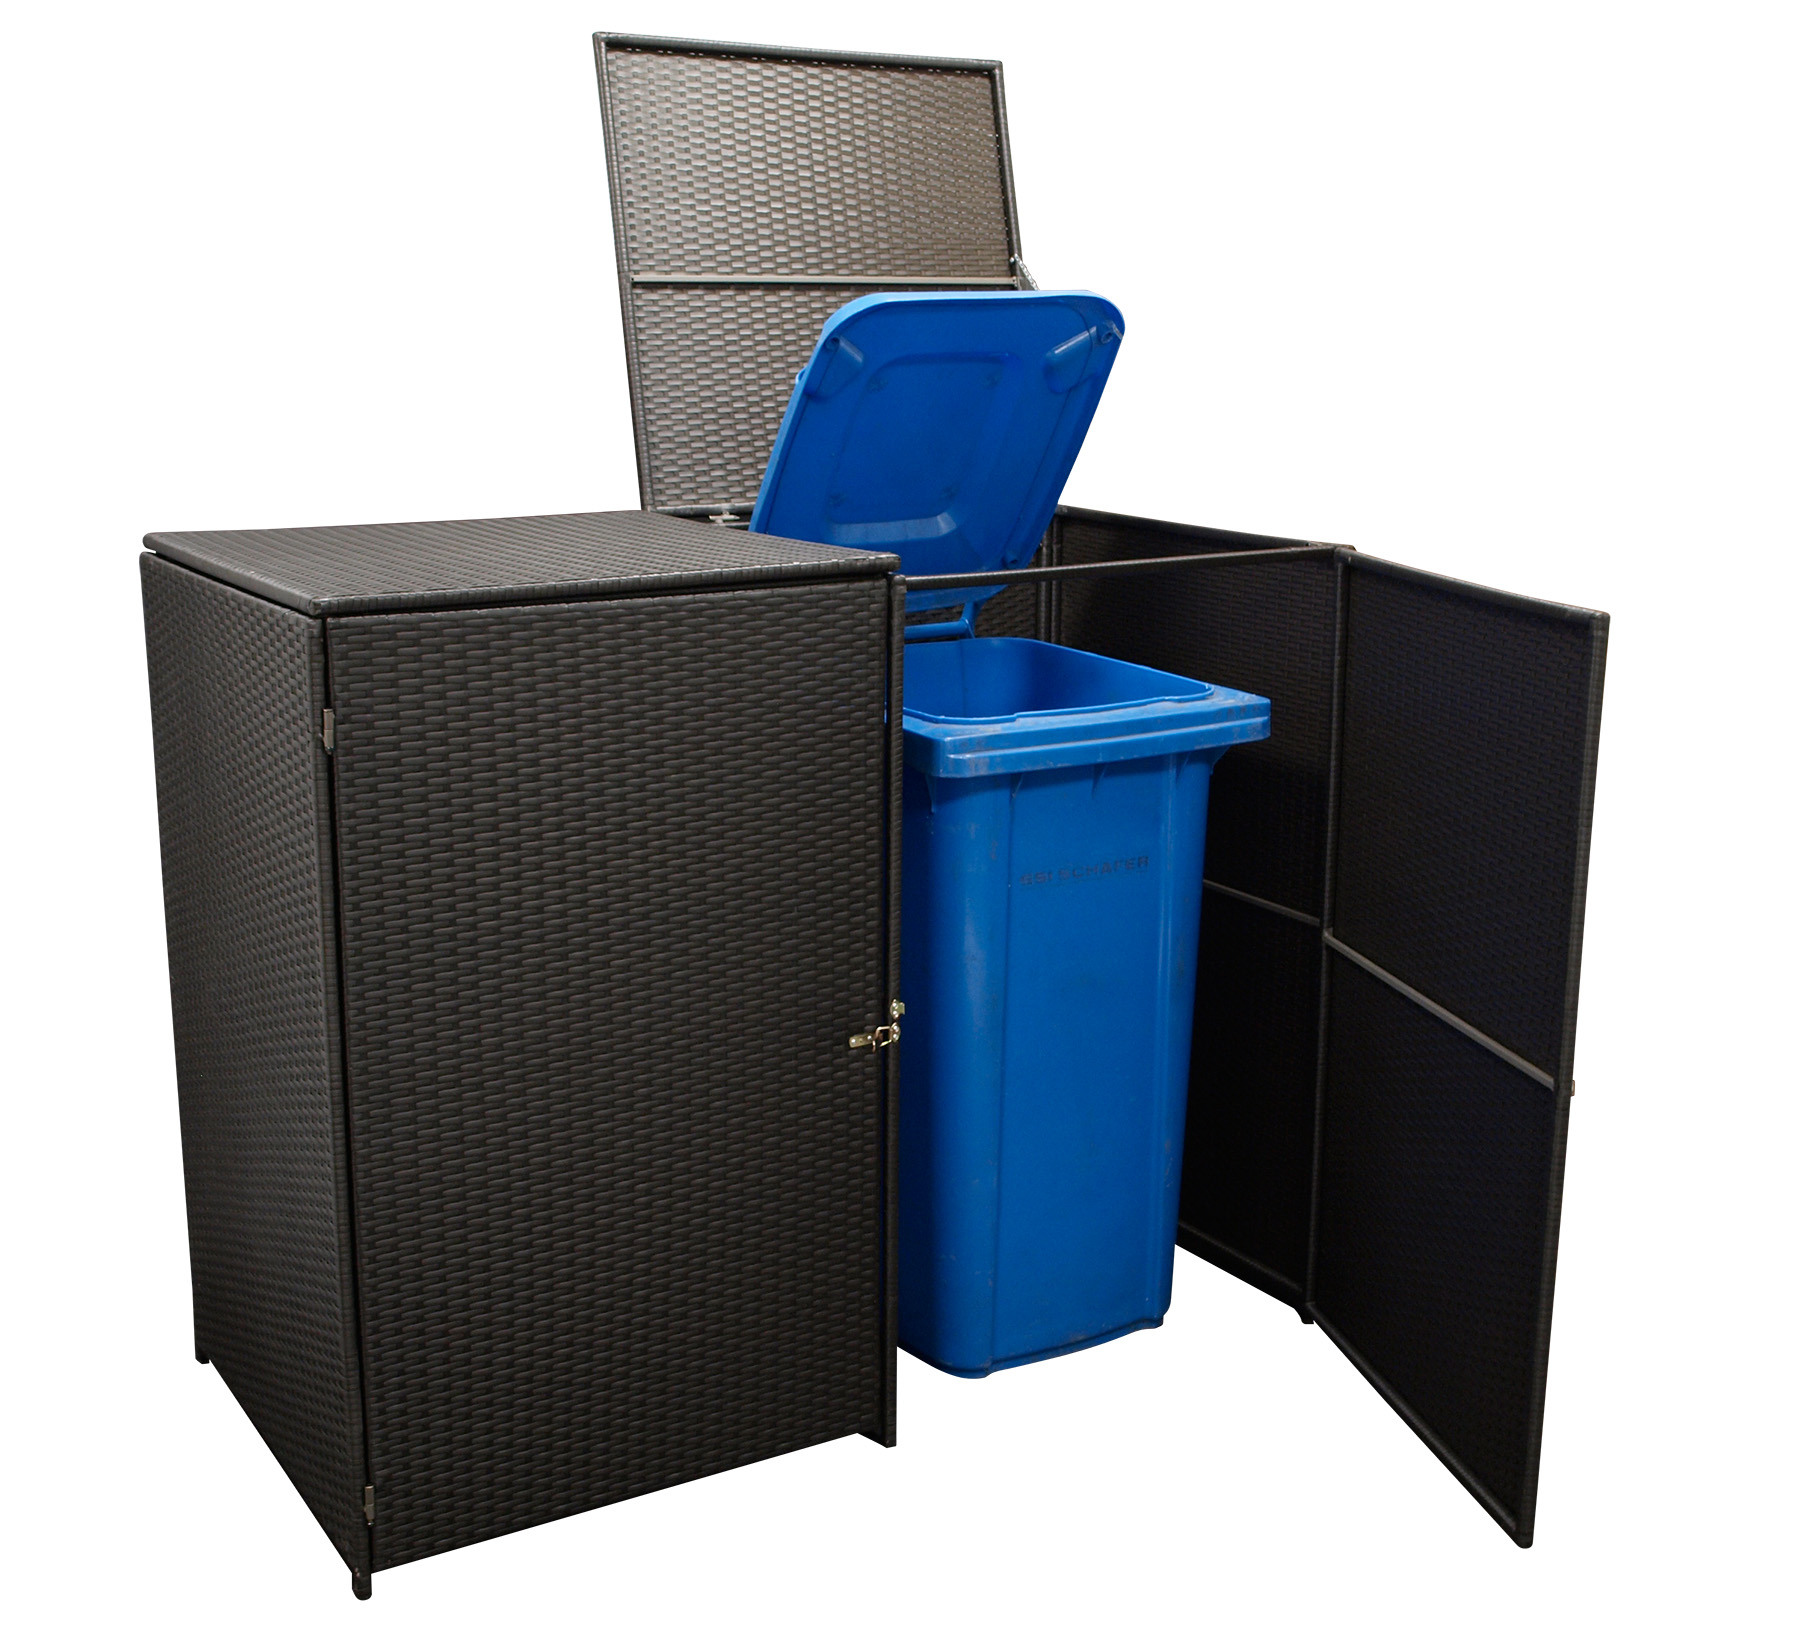 Mülltonnenbox 78x150x123cm für 2 Tonnen bis 240 Liter, Stahl + Polyrattan mocca